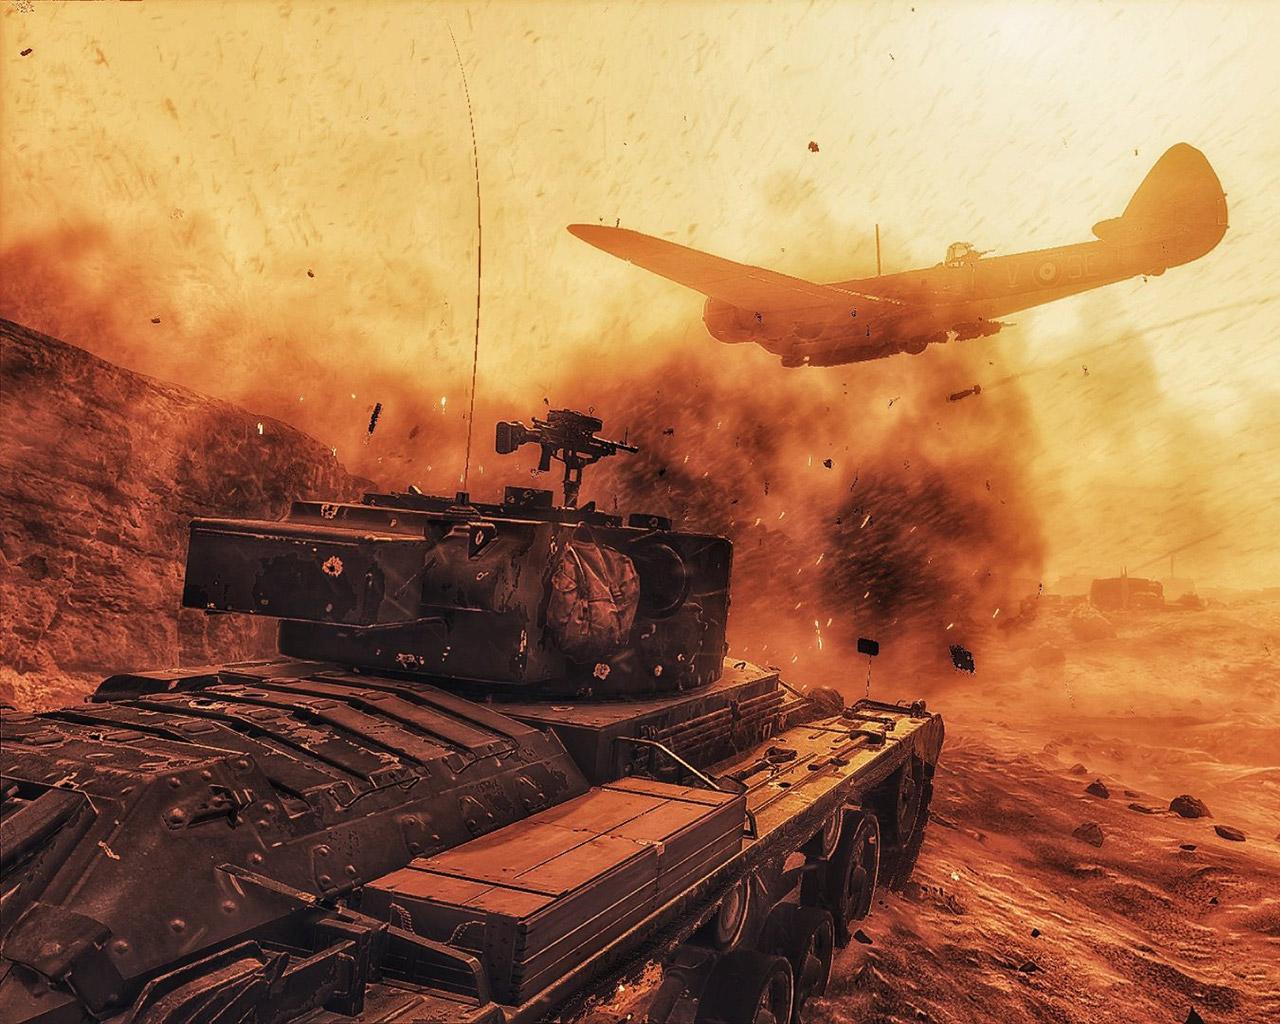 Battlefield V Wallpaper in 1280x1024